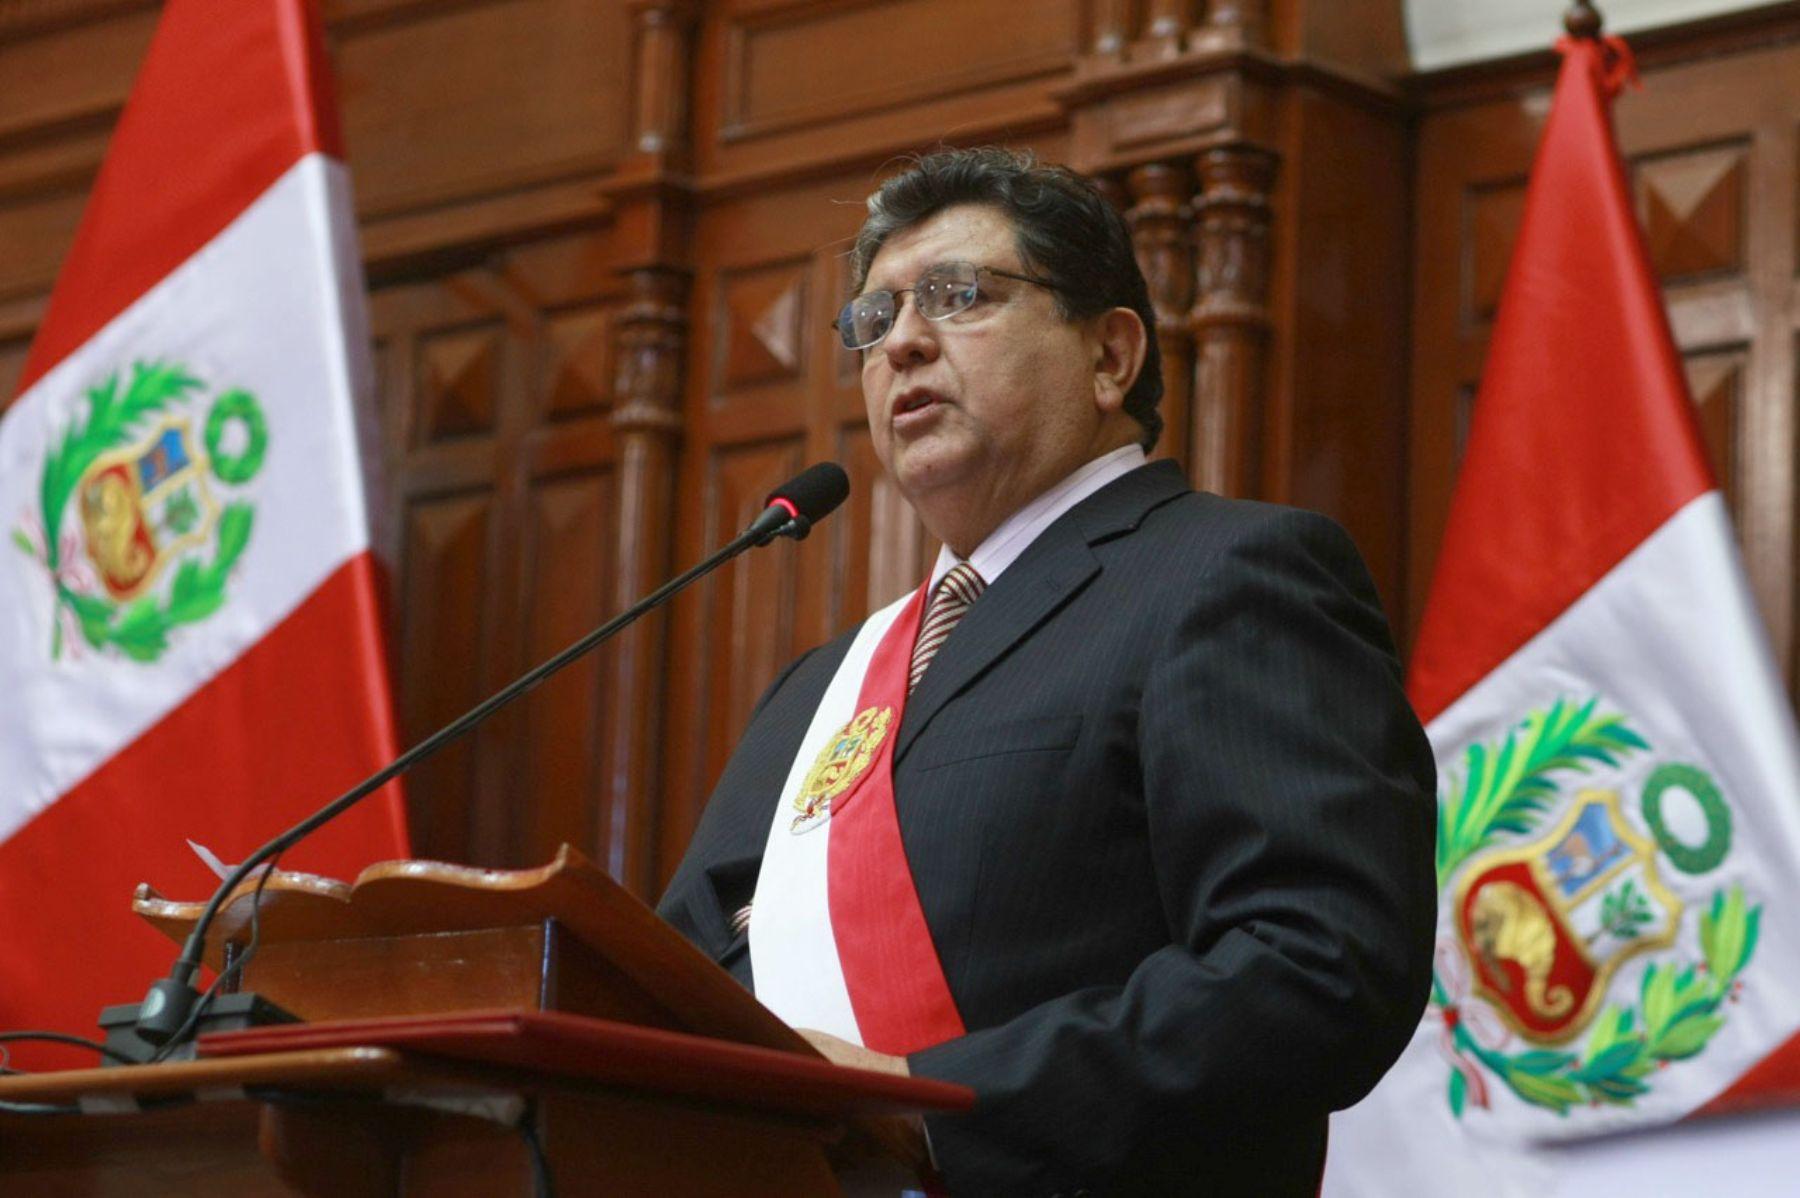 El presidente de la República, Alan García dirige su Mensaje a la Nación desde el Congreso de la República . Foto: ANDINA/Sepres.